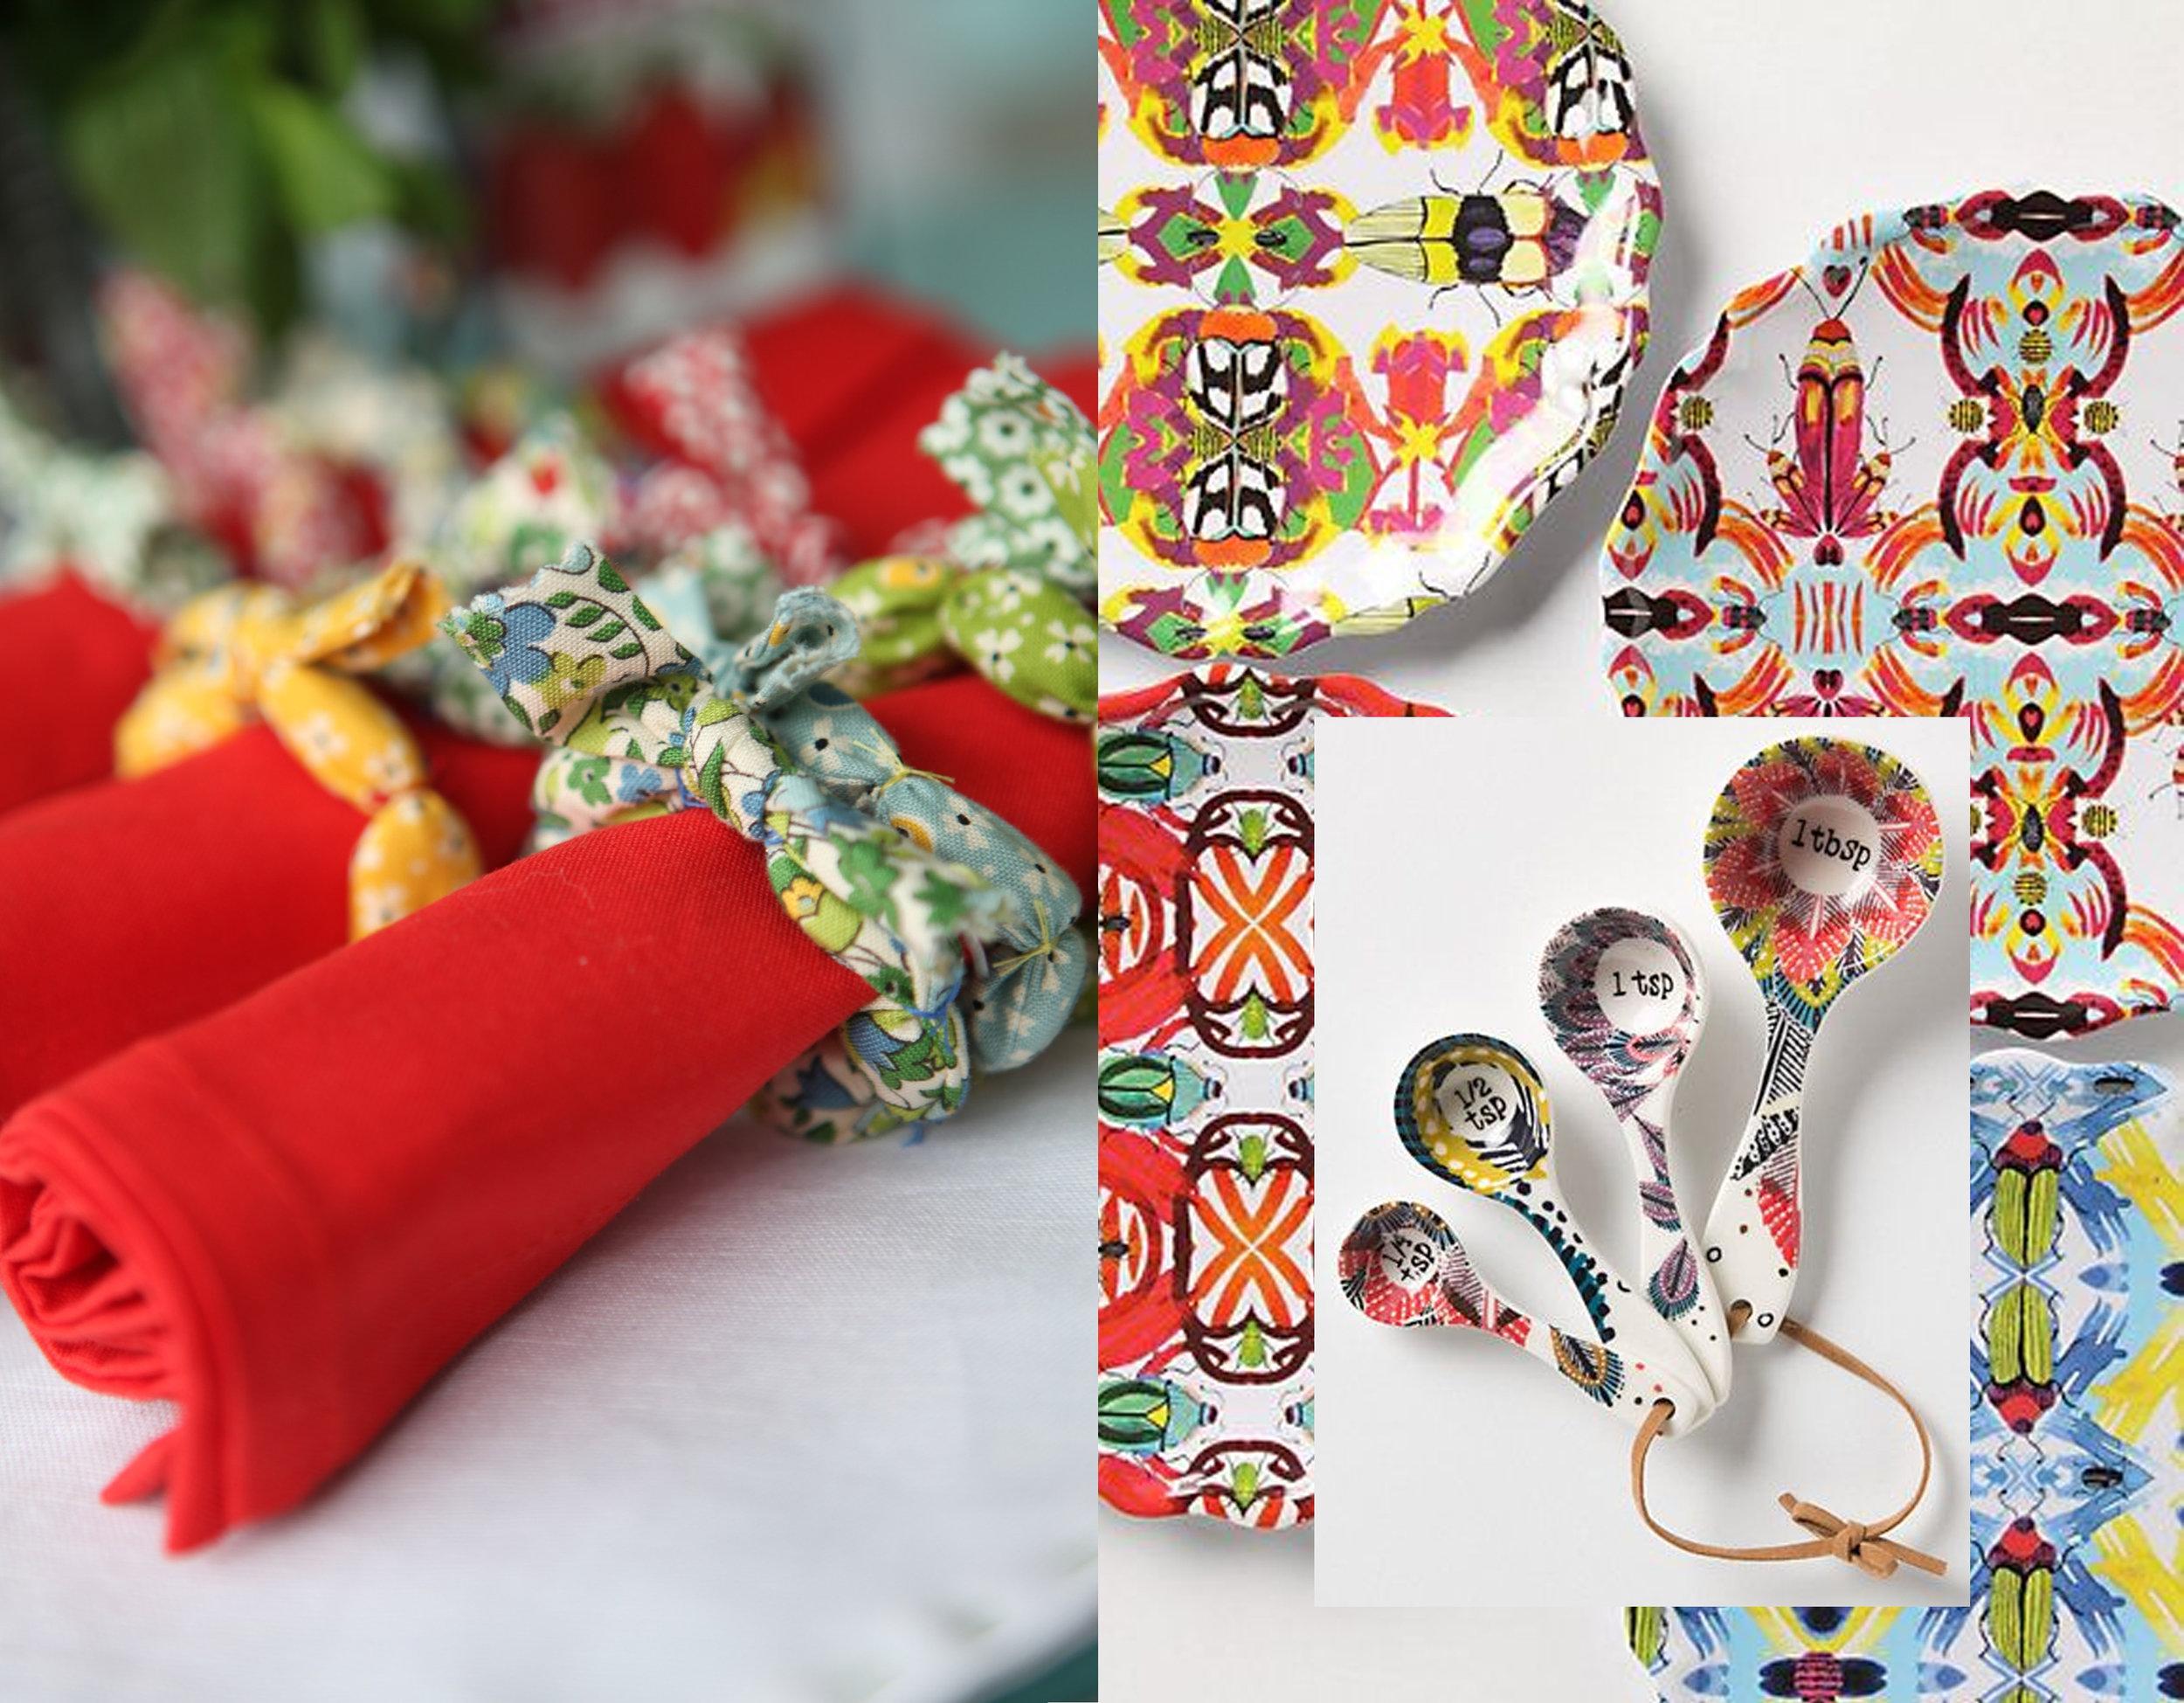 napkin rings  Join us for Dinner  - plates via  Pinterest  - measuring spoons  Anthroplogie